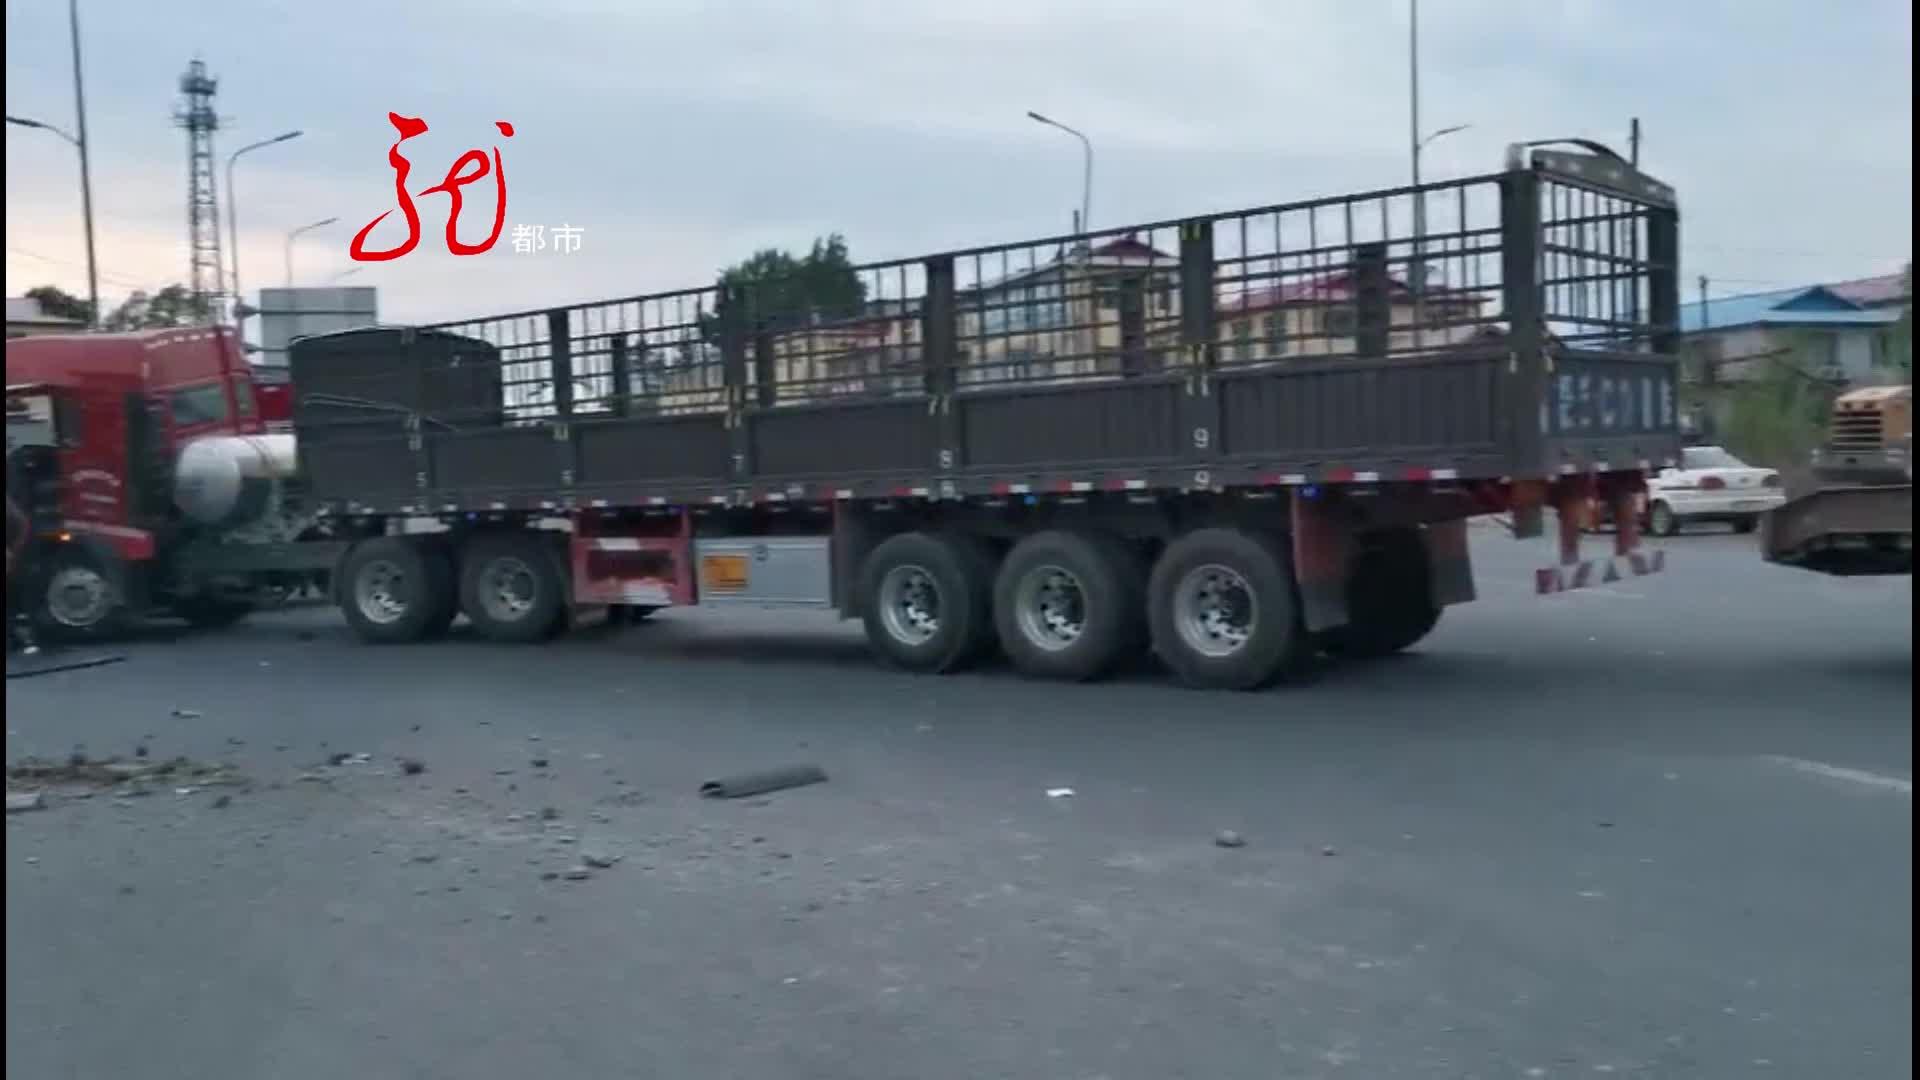 两辆货车相撞 司机被卡在驾驶室 消防人员破拆救援